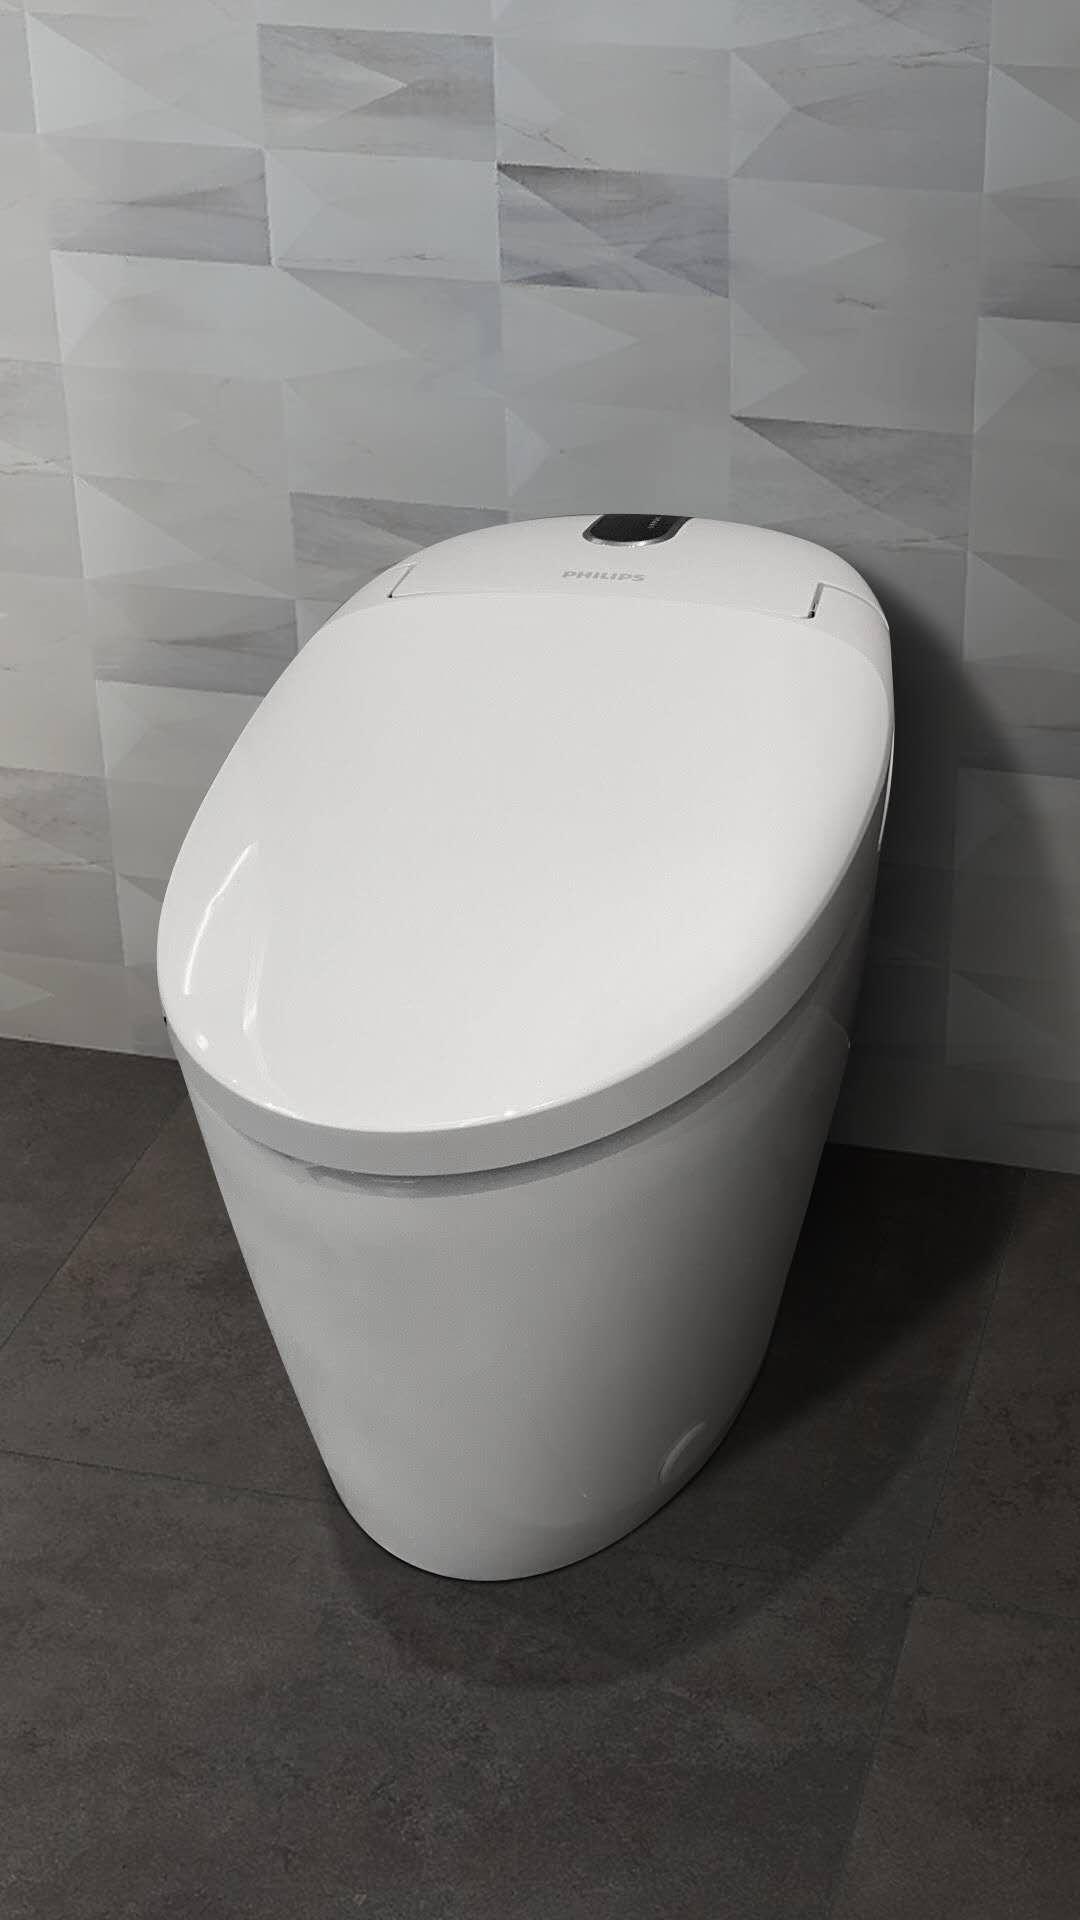 飞利浦(PHILIPS)智能马桶一体机即热全自动暖风烘干一键洗烘全功能智能坐便器AIB6320/93305坑距